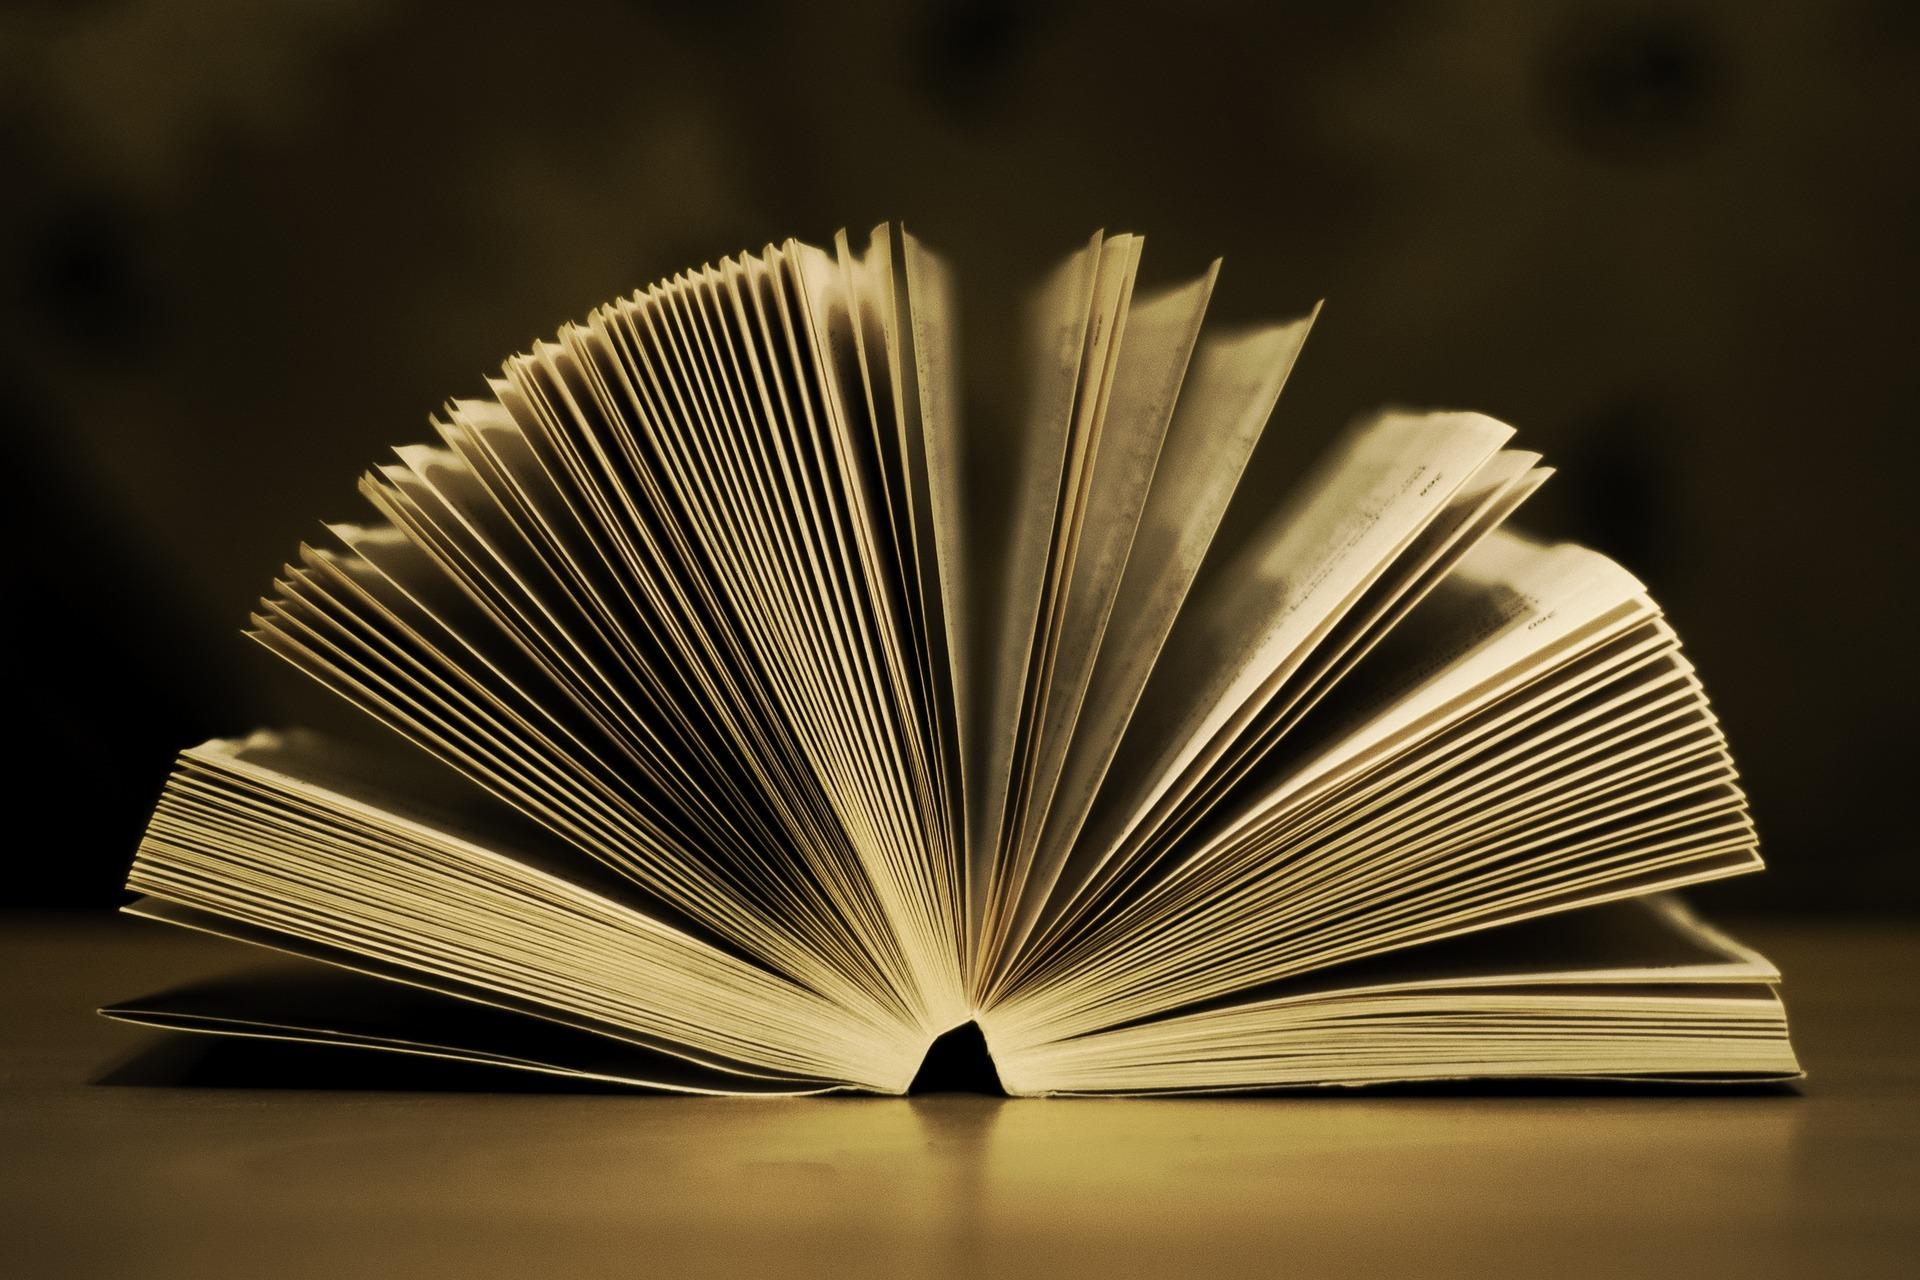 Book (PD)